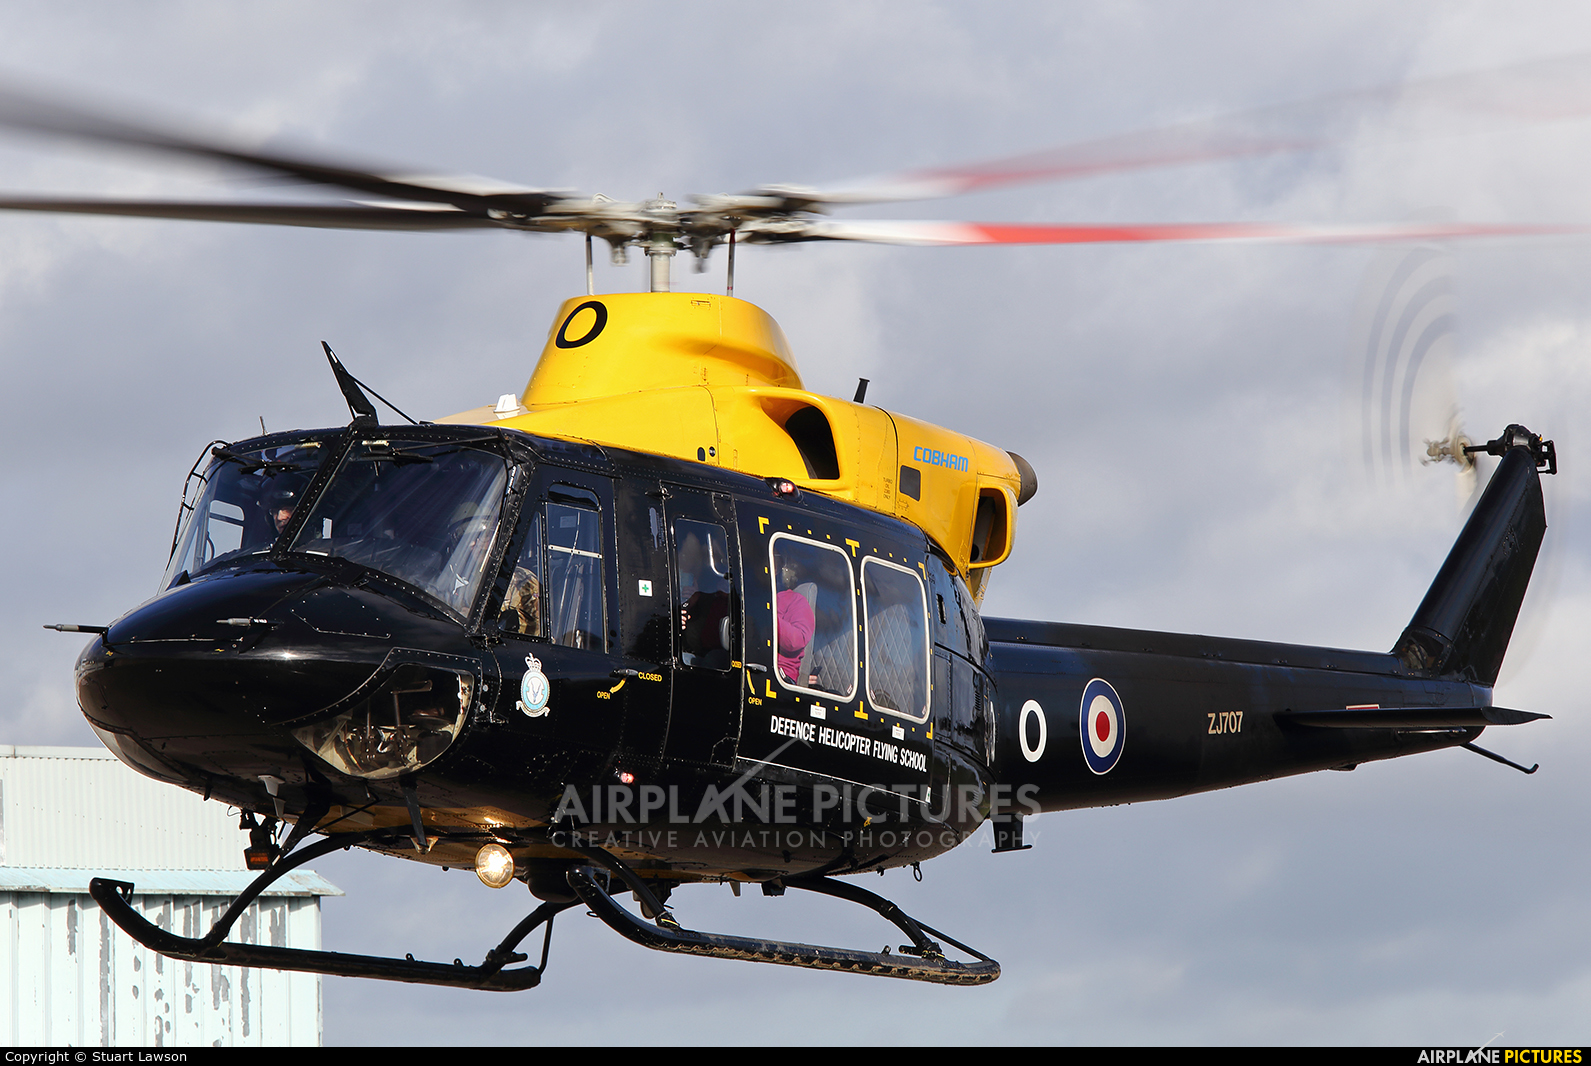 Royal Air Force ZJ707 aircraft at East Midlands